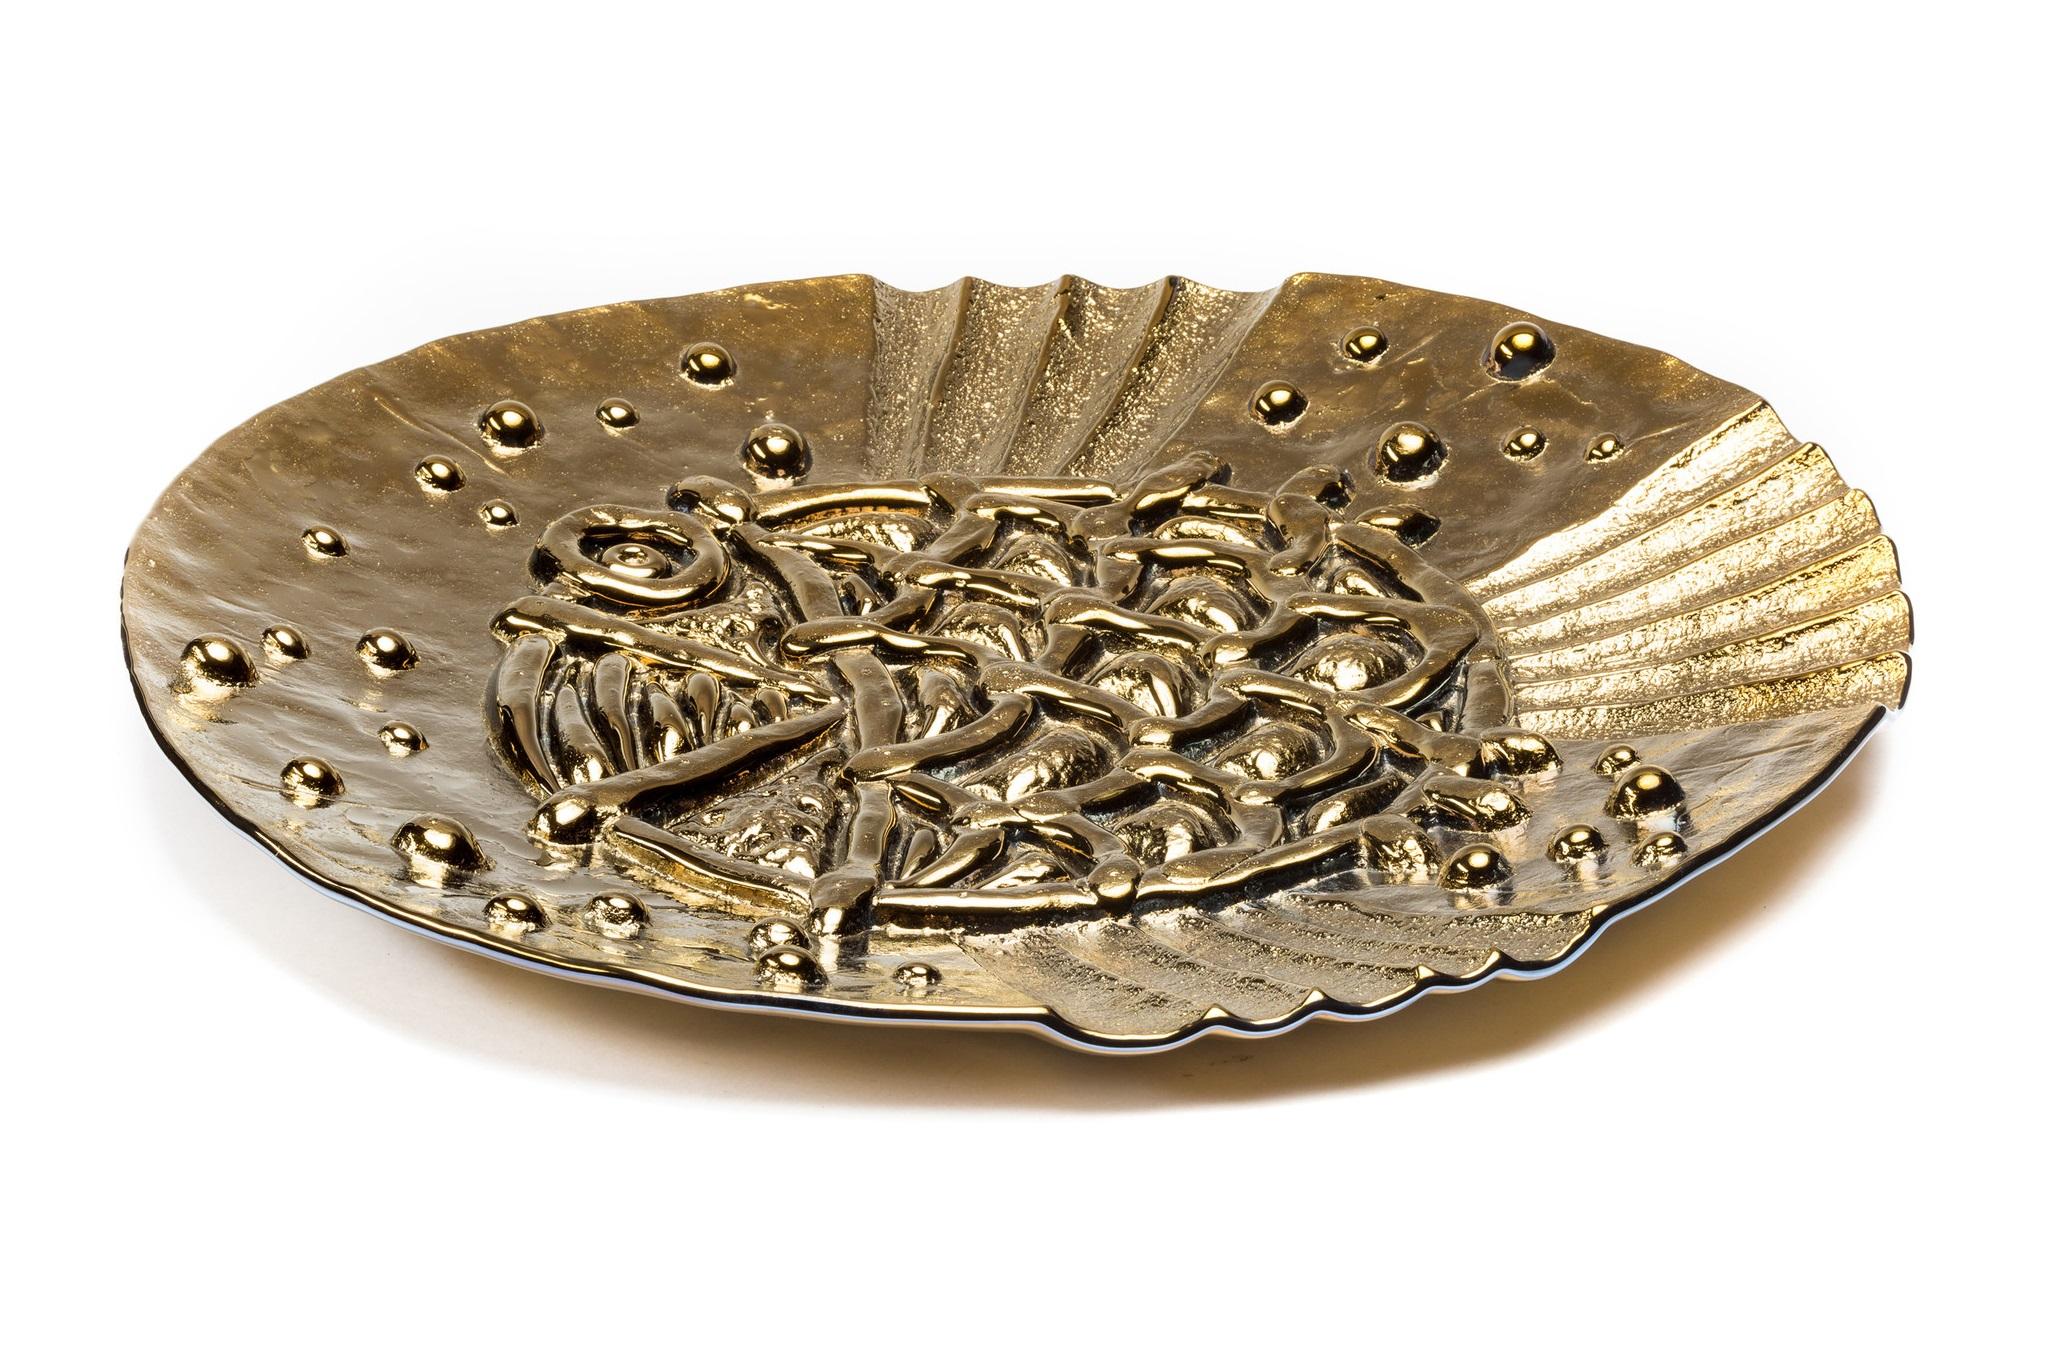 Ваза Gold FishДекоративные блюда<br>Магическая Золотая Рыбка от Plusobject – это нечто большее, чем просто предмет декора или арт-объект. Золотая Рыбка знаковый символ осуществления надежд. Если верить легенде, это изделие обладает особой энергетикой, и даже приносит удачу своему владельцу. Золотая рыбка – универсальный предмет интерьера. Вы можете закрепить ее на вертикальной поверхности или же использовать в качестве настольной вазы. Также производители предлагают подобрать другой цвет напыления.<br><br>Material: Стекло<br>Ширина см: 64<br>Высота см: 4<br>Глубина см: 59